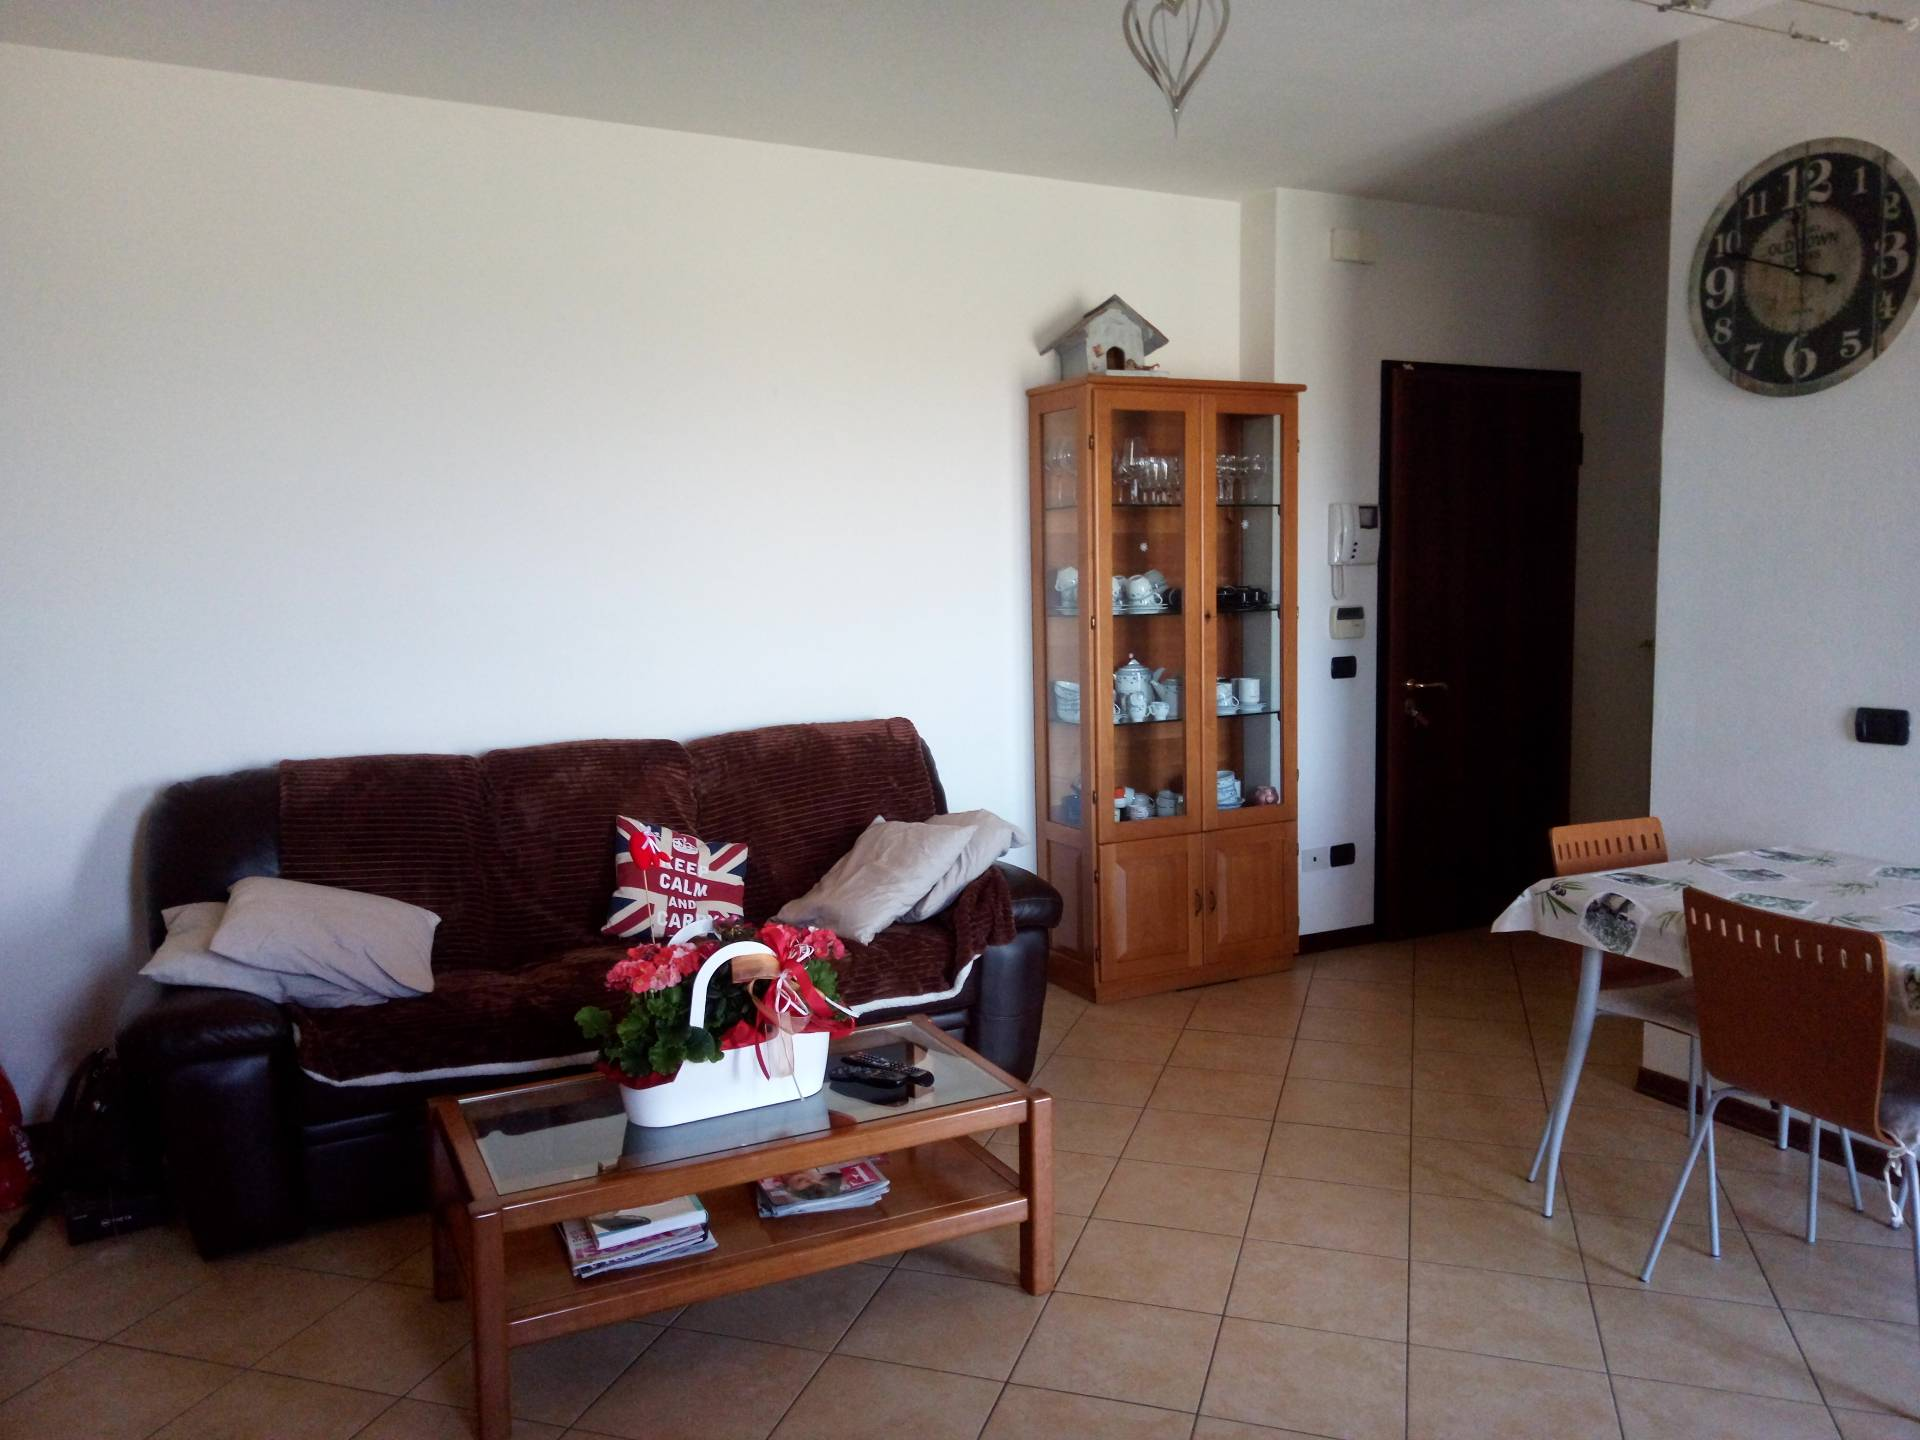 Appartamento in vendita a Carbonera, 5 locali, zona Zona: Mignagola, prezzo € 120.000 | CambioCasa.it